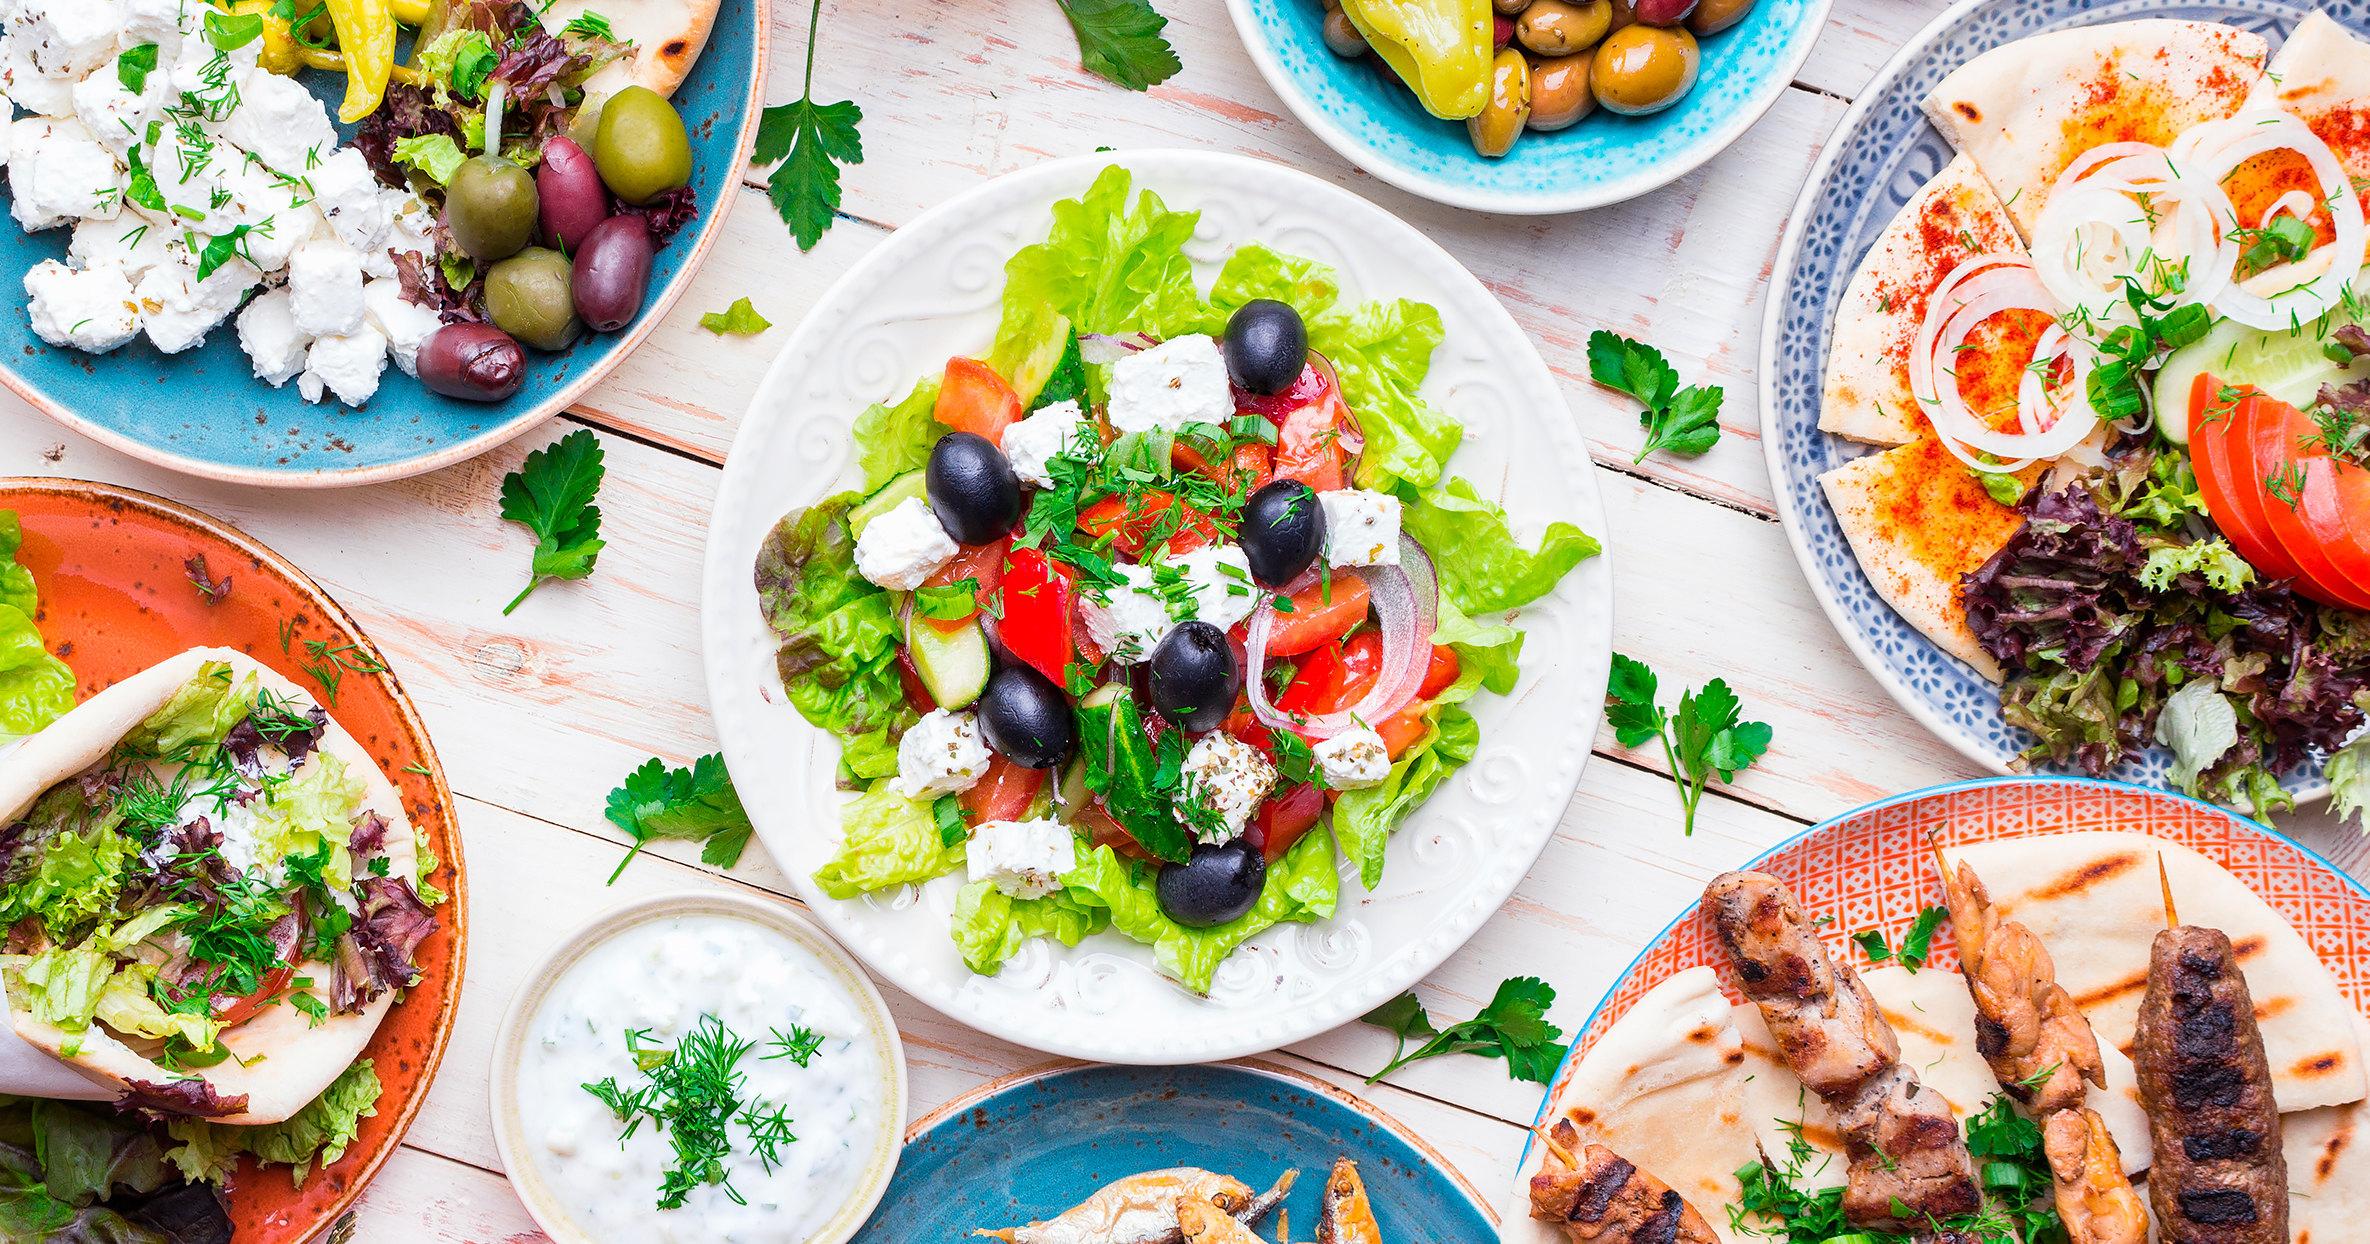 Блюда В Средиземноморской Диете. Средиземноморская диета. Меню на неделю, рецепты блюд, разрешенные продукты